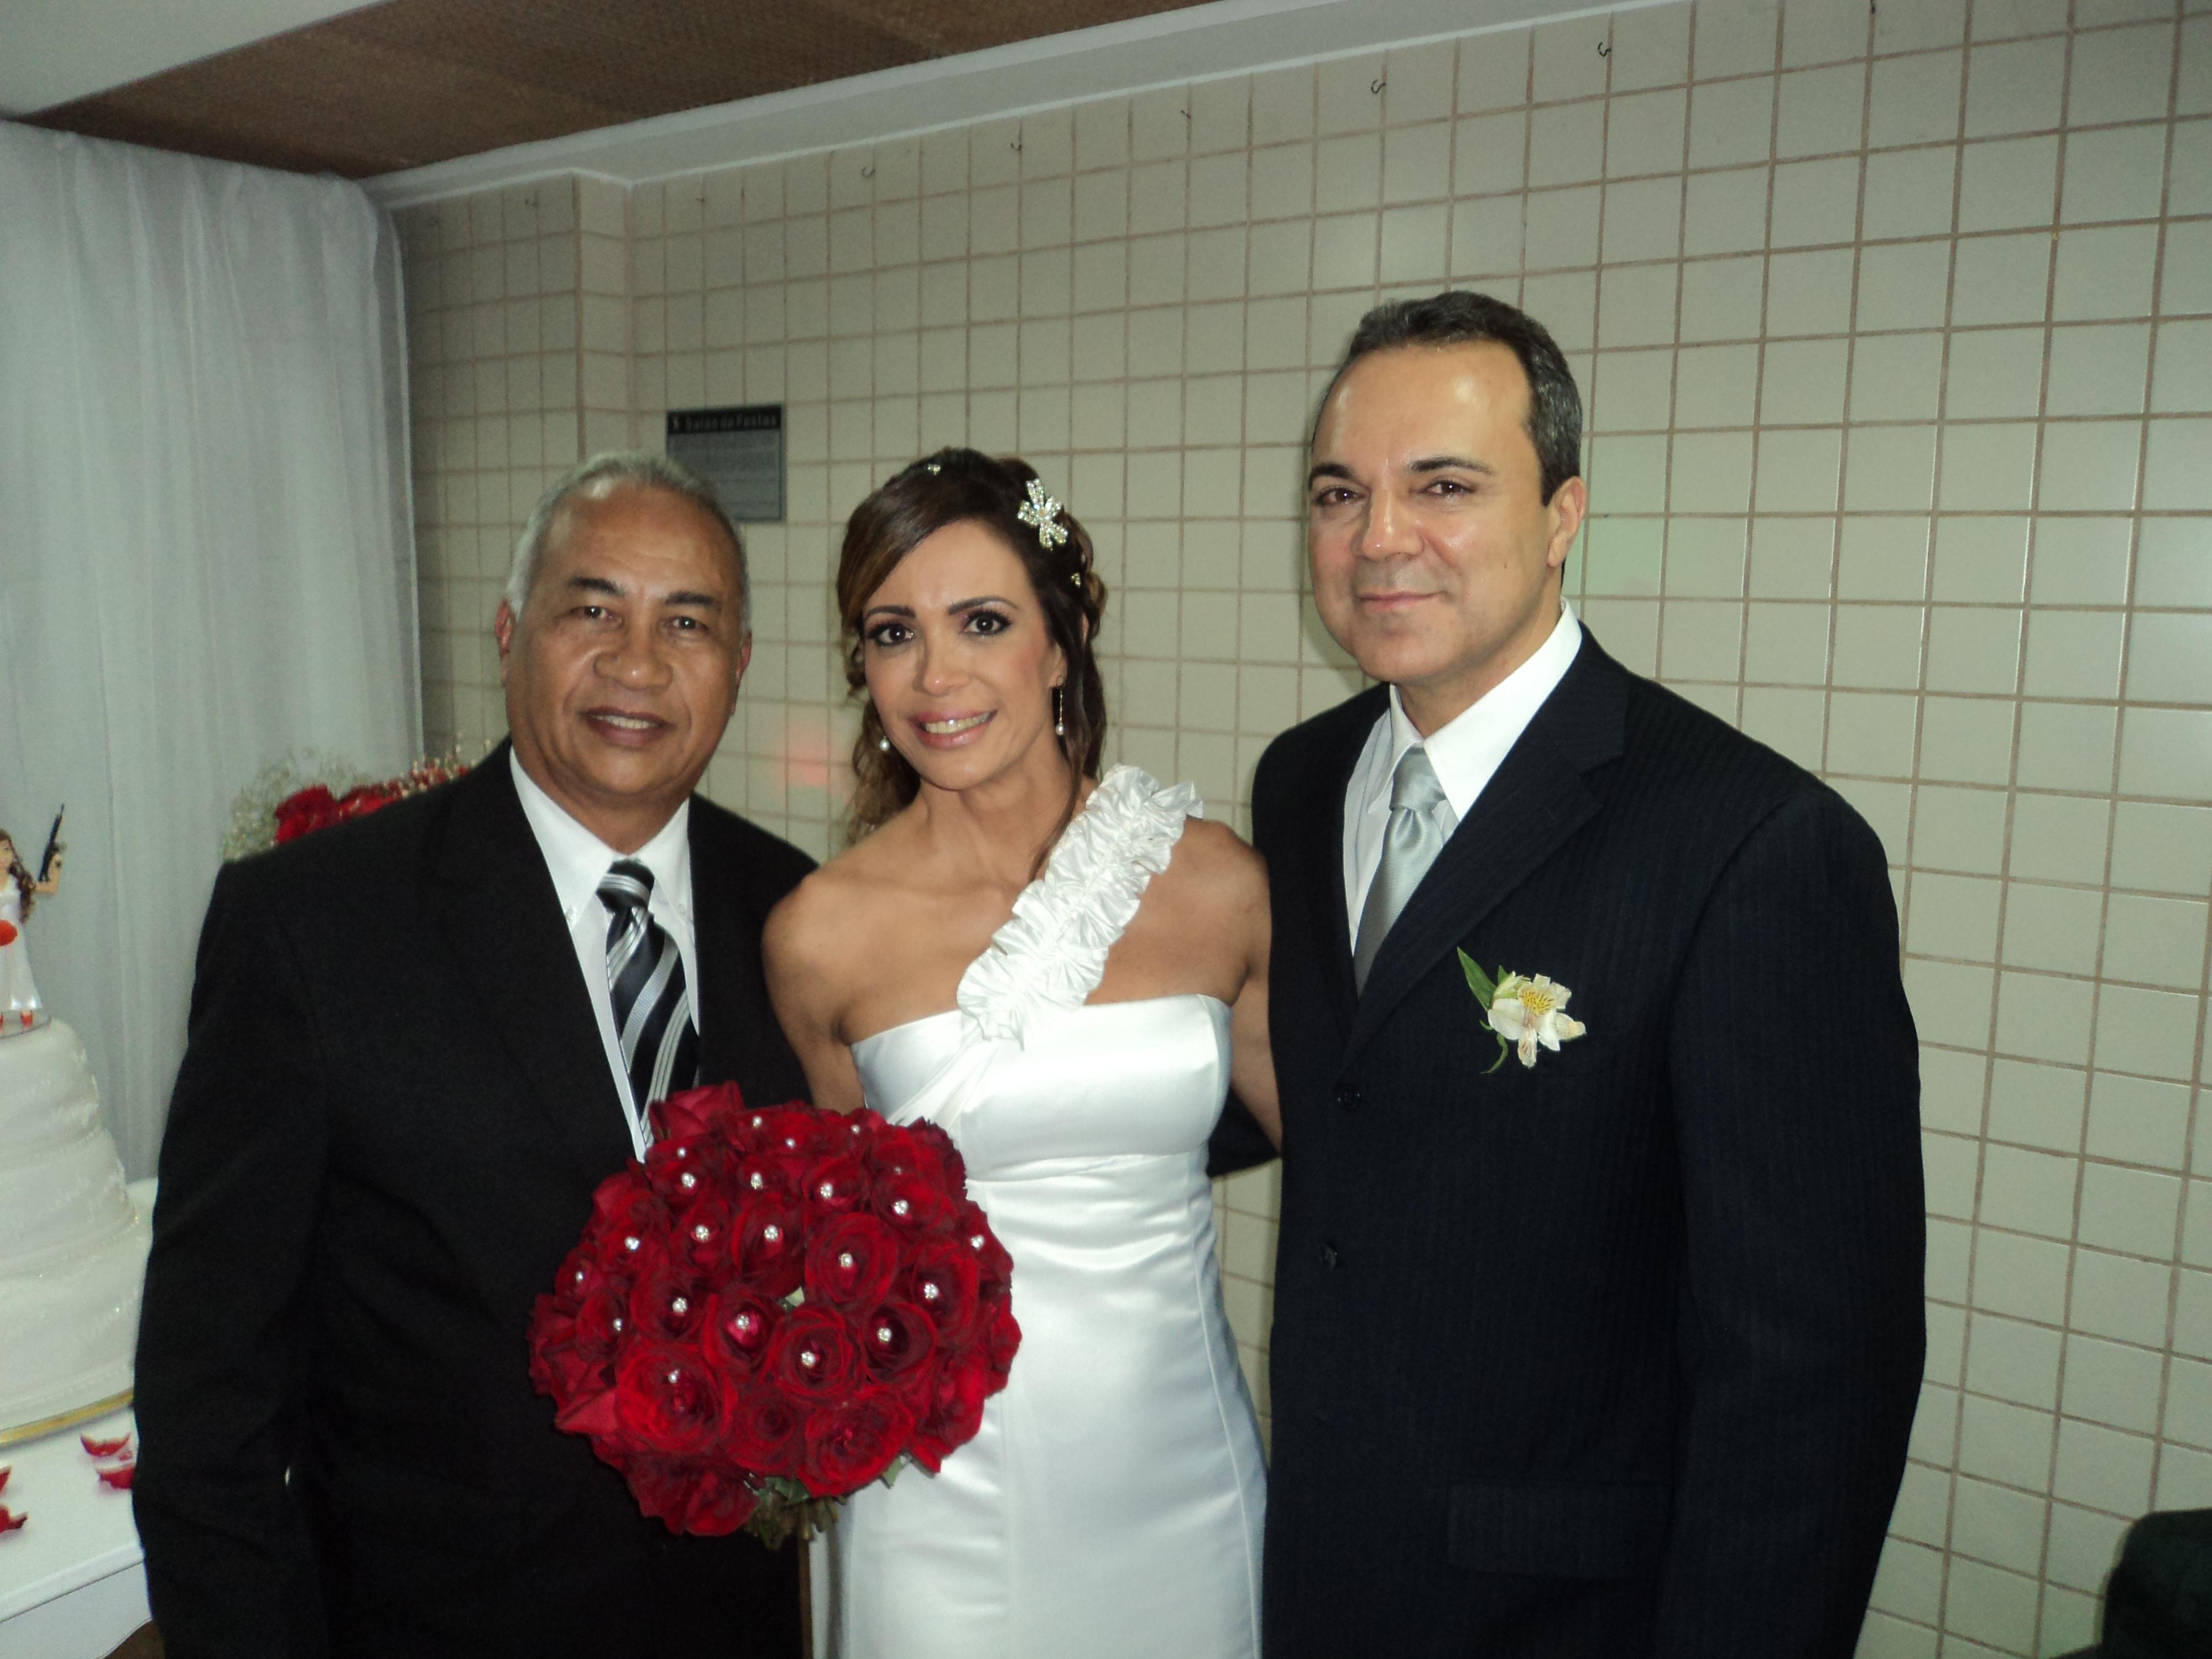 Na foto Túlio de Pinho, à esquerda, com os noivos